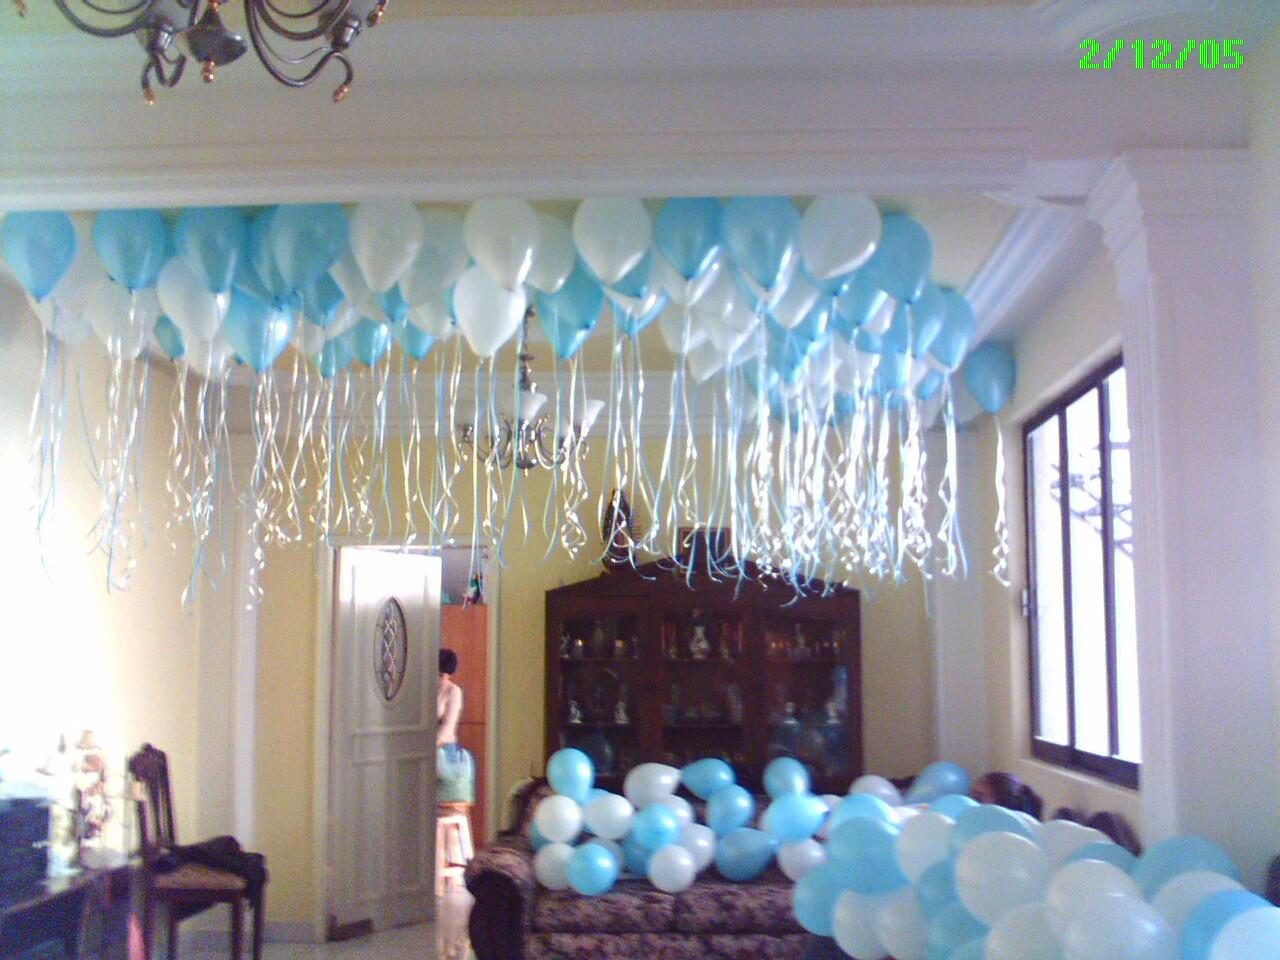 Comprar ofertas platos de ducha muebles sofas spain for Como decorar el techo de mi casa